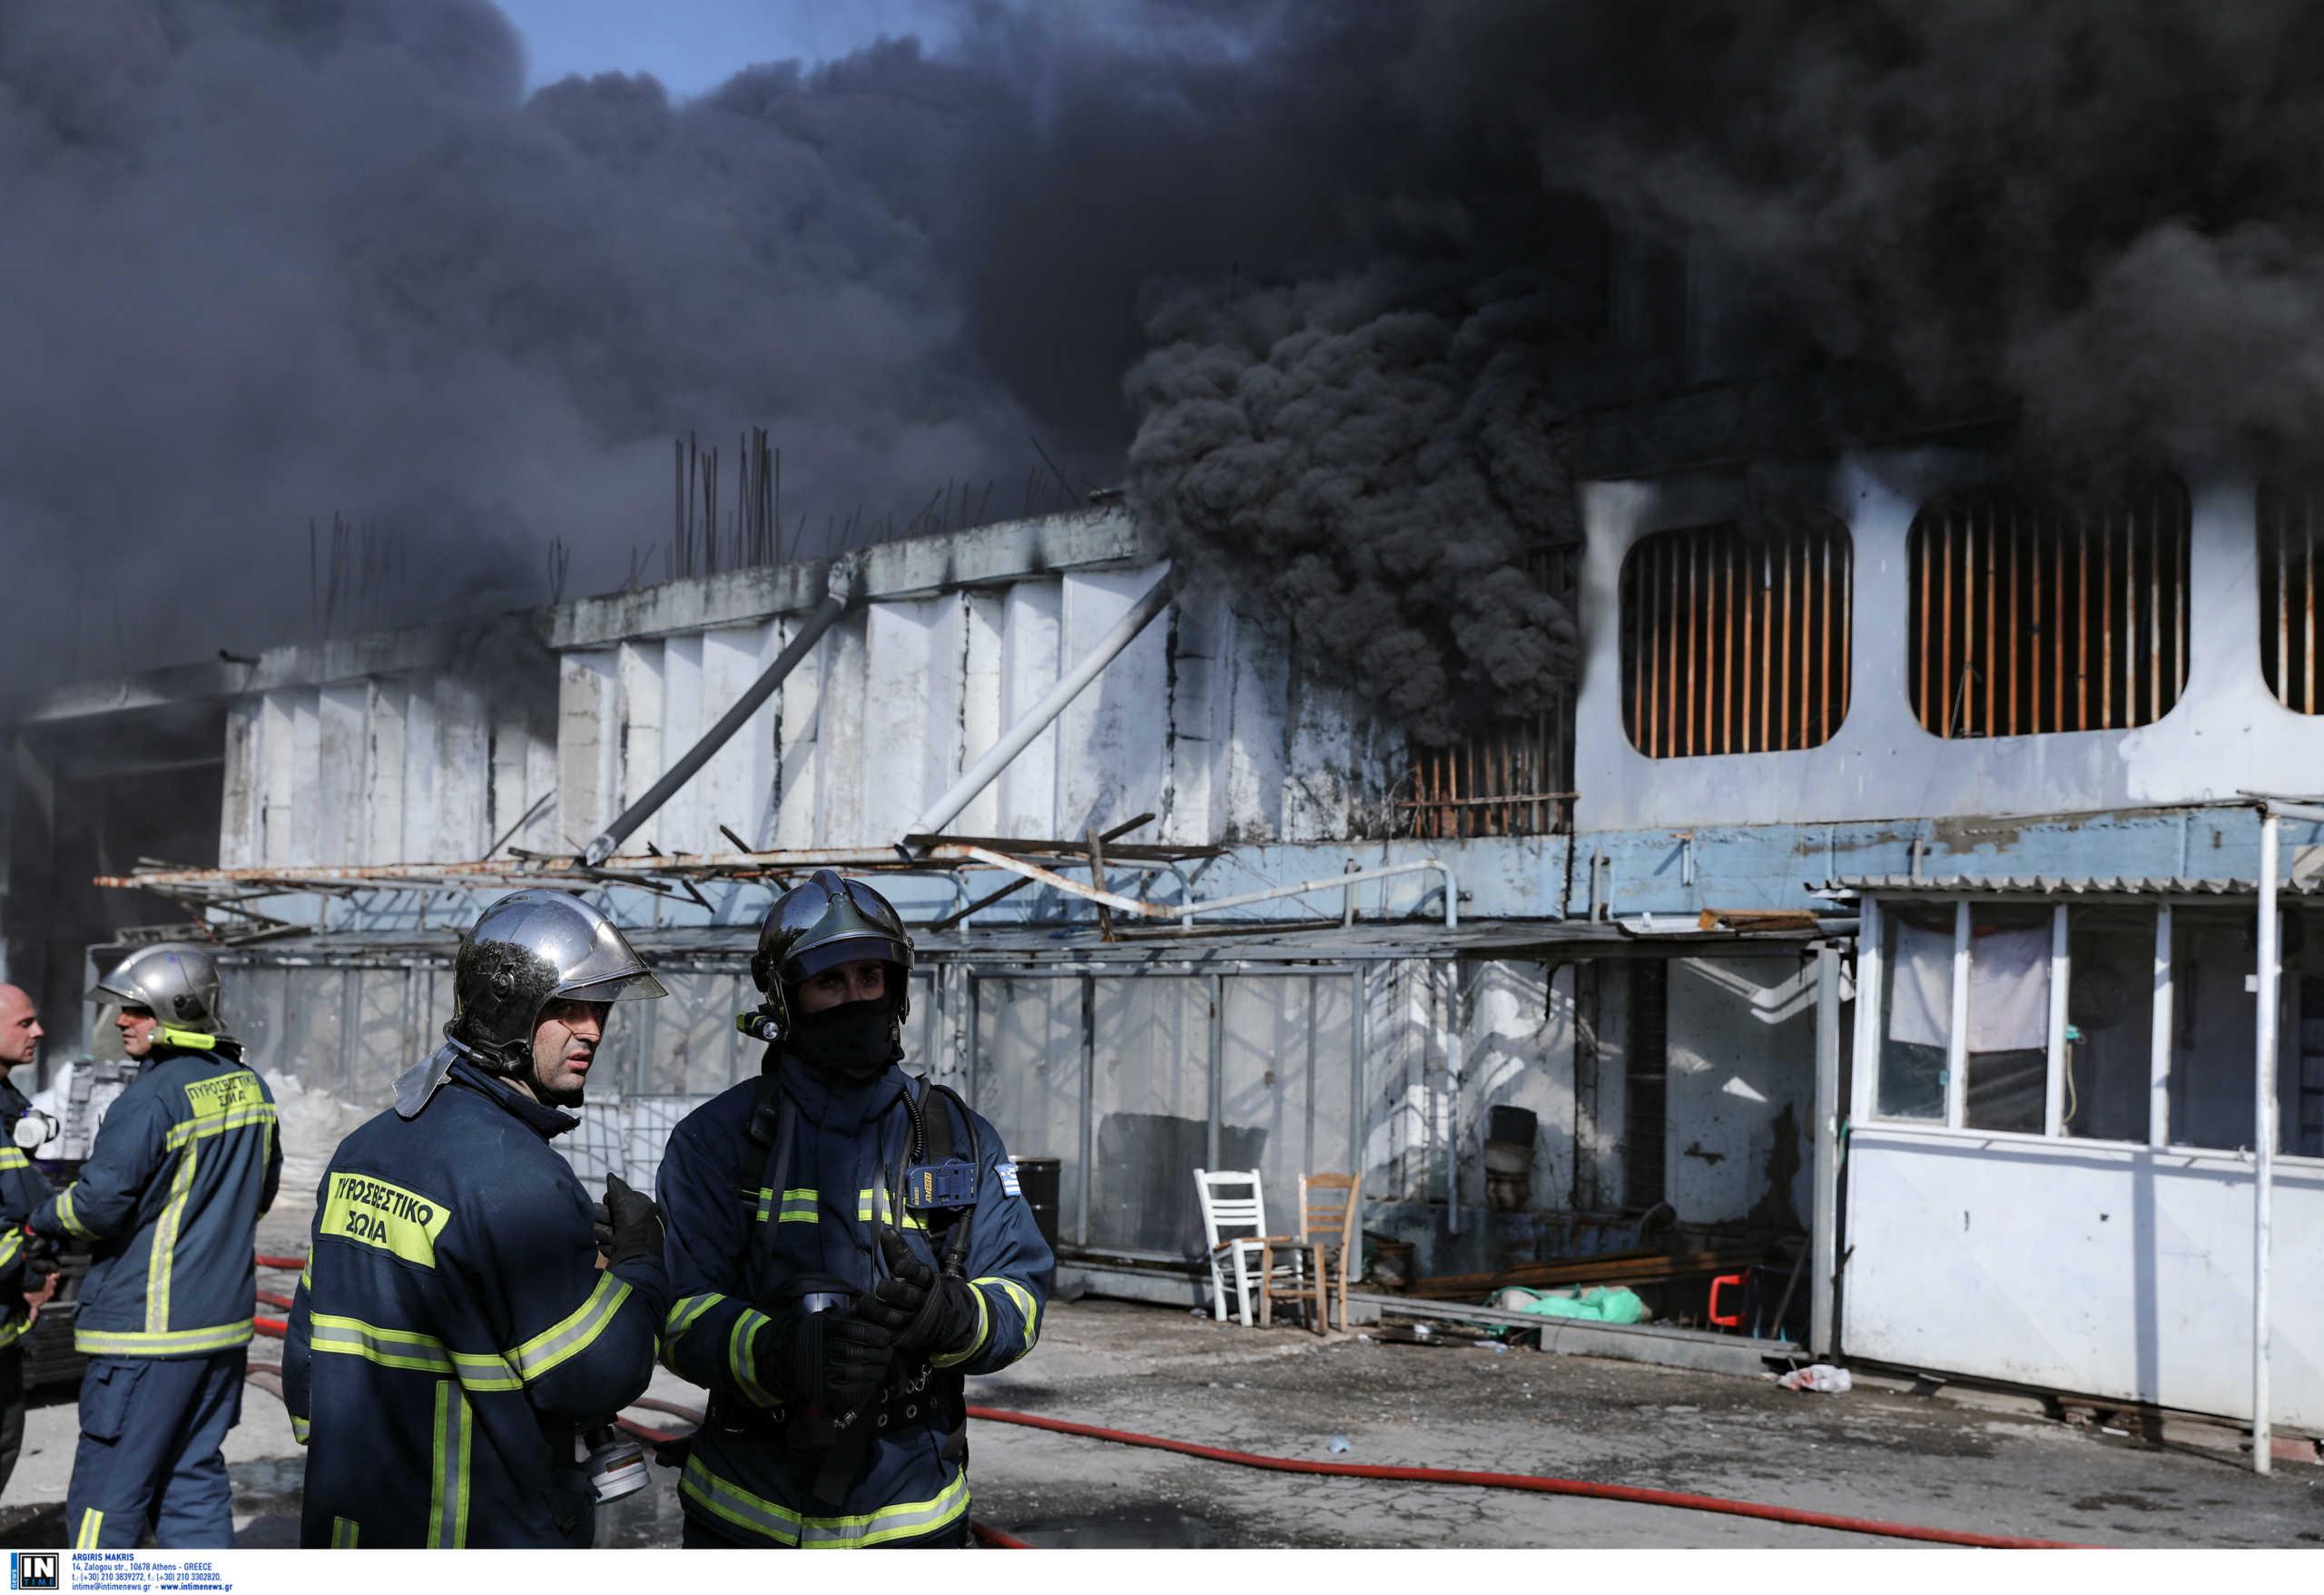 Μεταμόρφωση – εργοστάσιο: Τι έδειξαν οι μετρήσεις ατμοσφαιρικών ρύπων από τη φωτιά